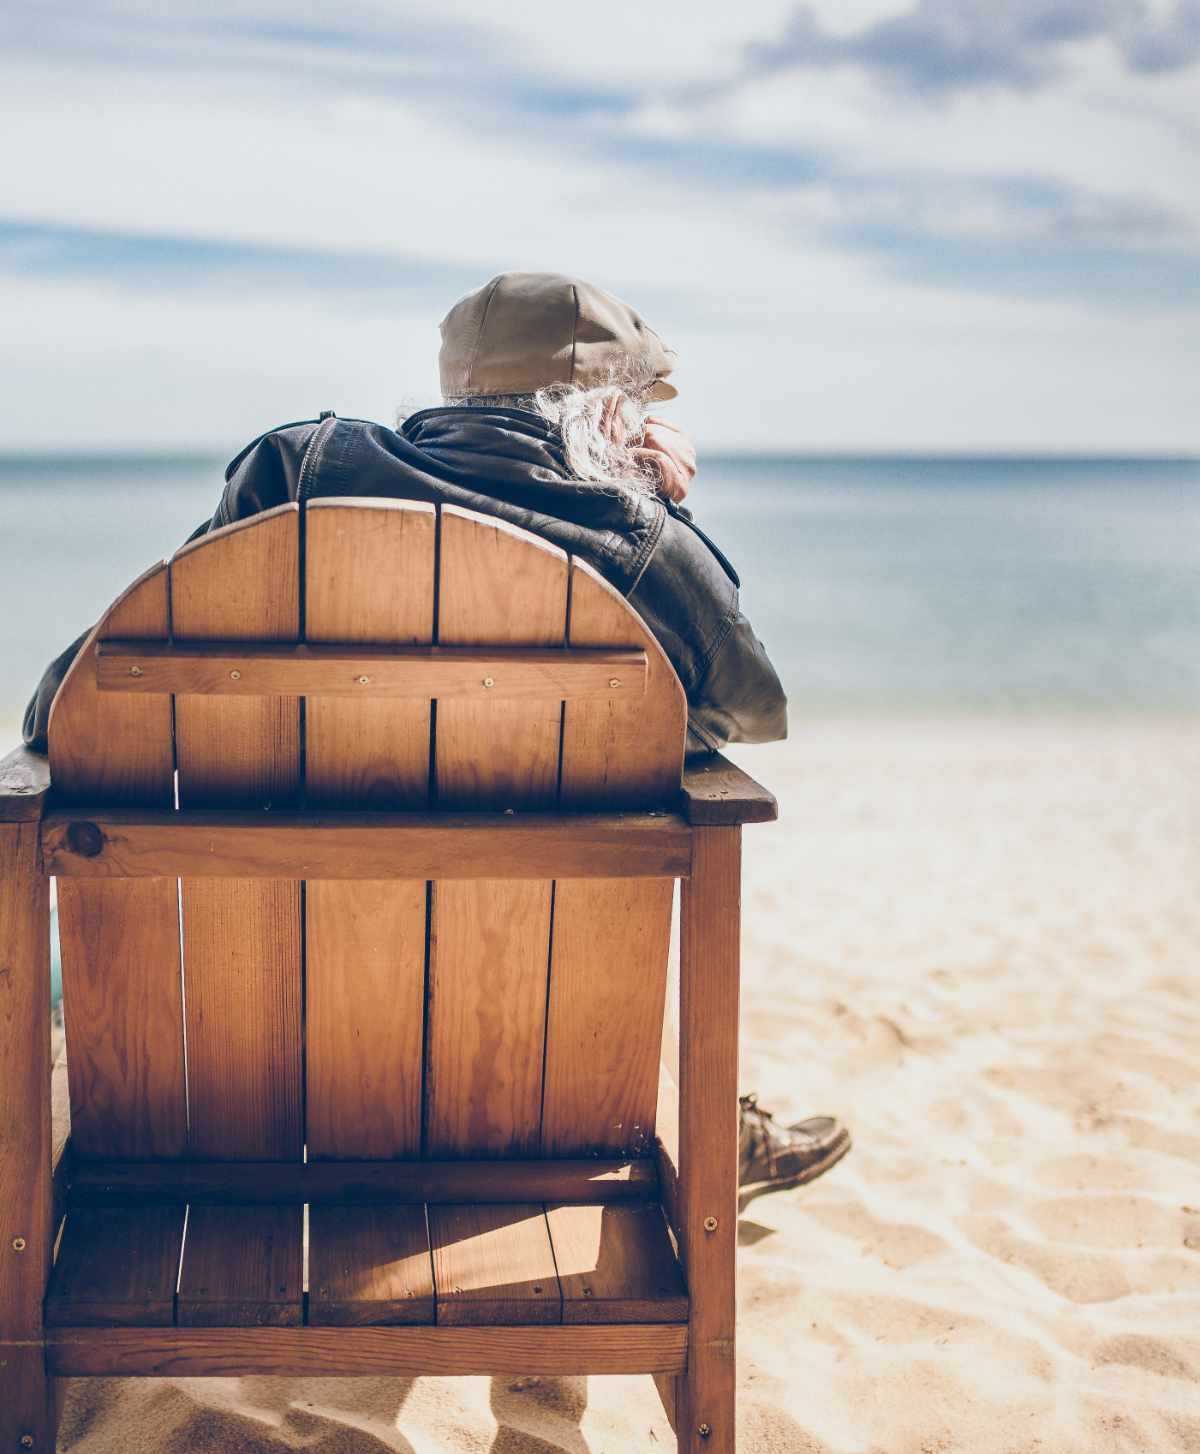 anziano seduto su una sedia in spiaggia